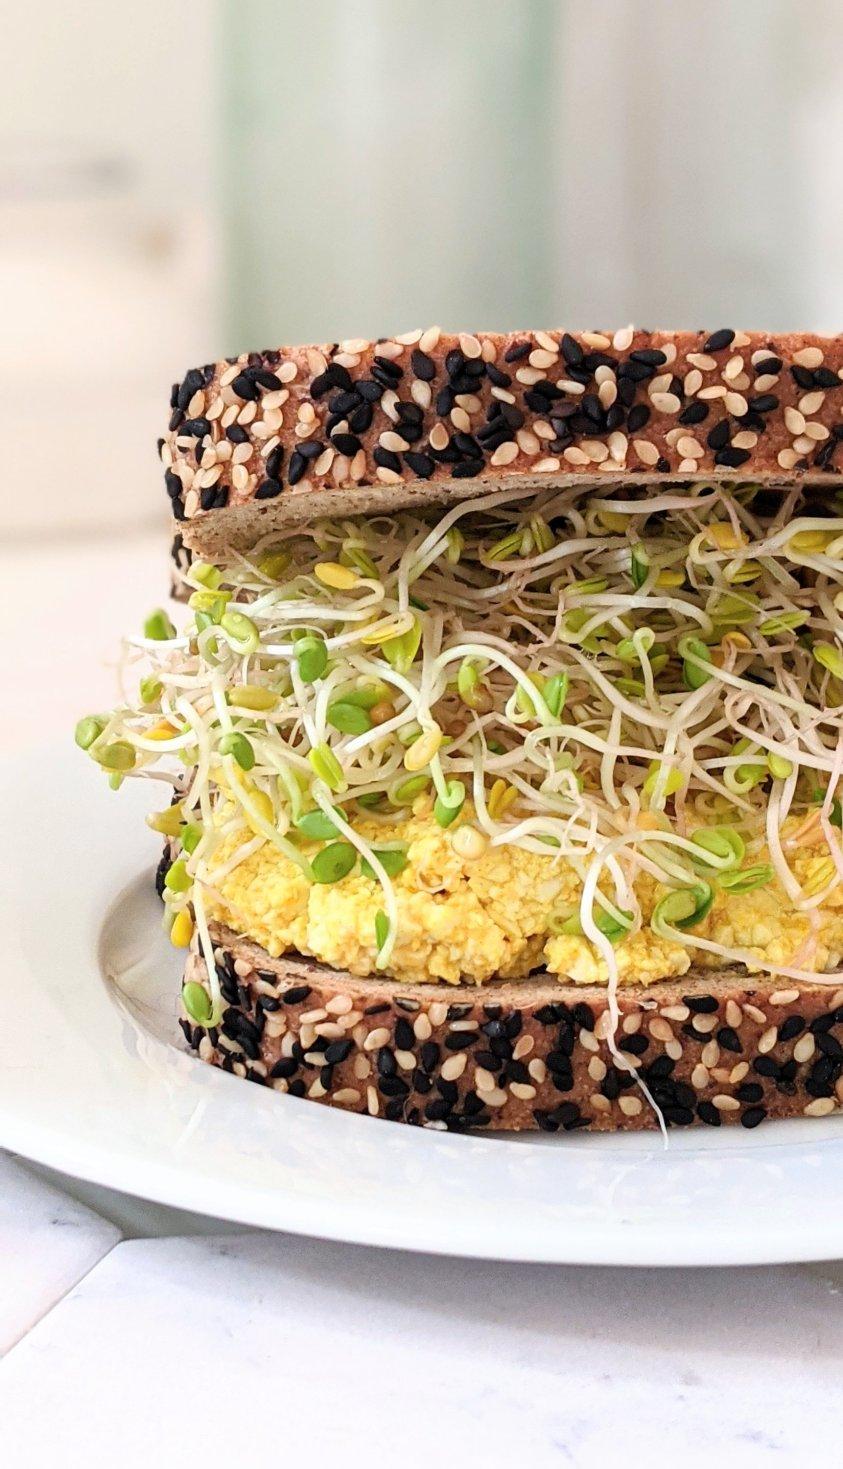 vegan low carb breakfast recipe vegan keto breakfasts low carb high fiber vegan recipes breakfast sandwiches low carbohydrate vegan breakfast sandwiches